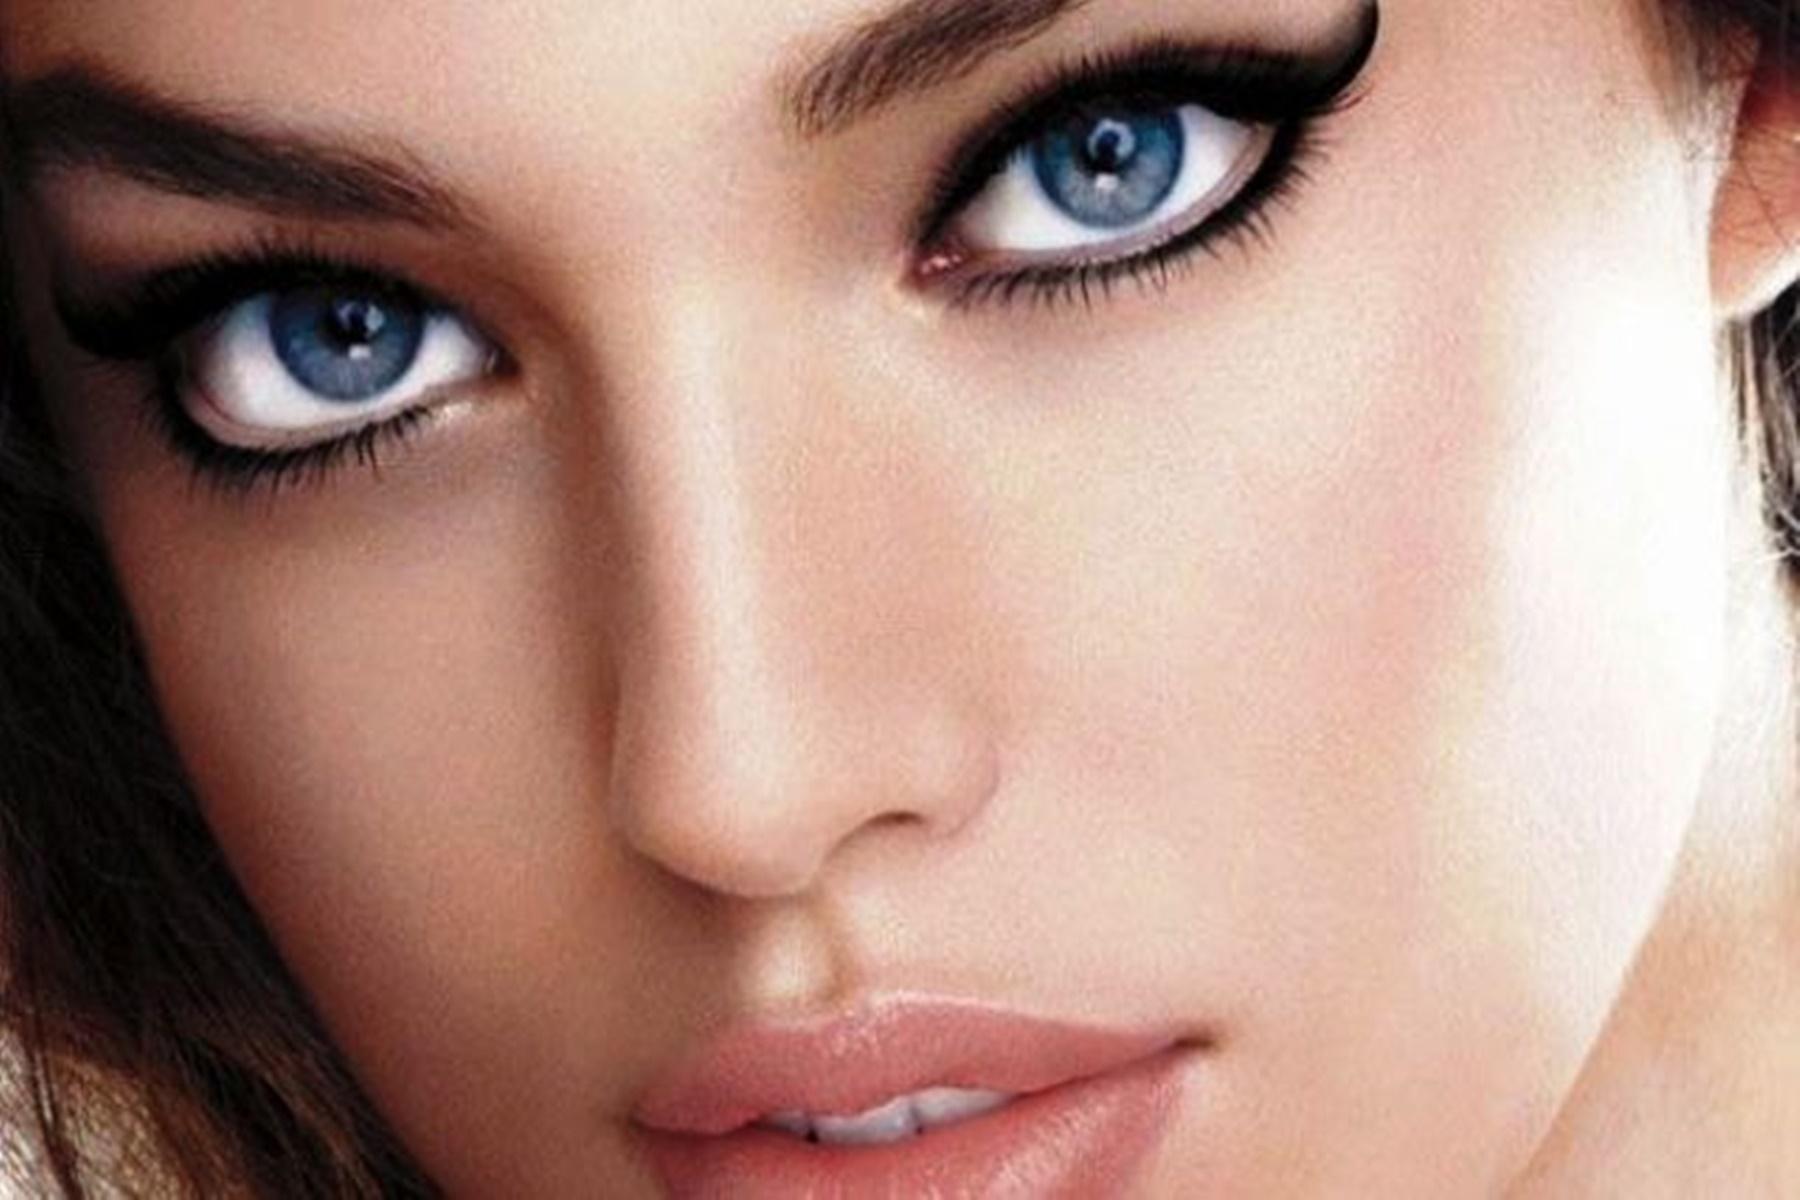 Ομορφιά μάτια : Έτσι θα τα διατηρήσετε λαμπερά και υγιή